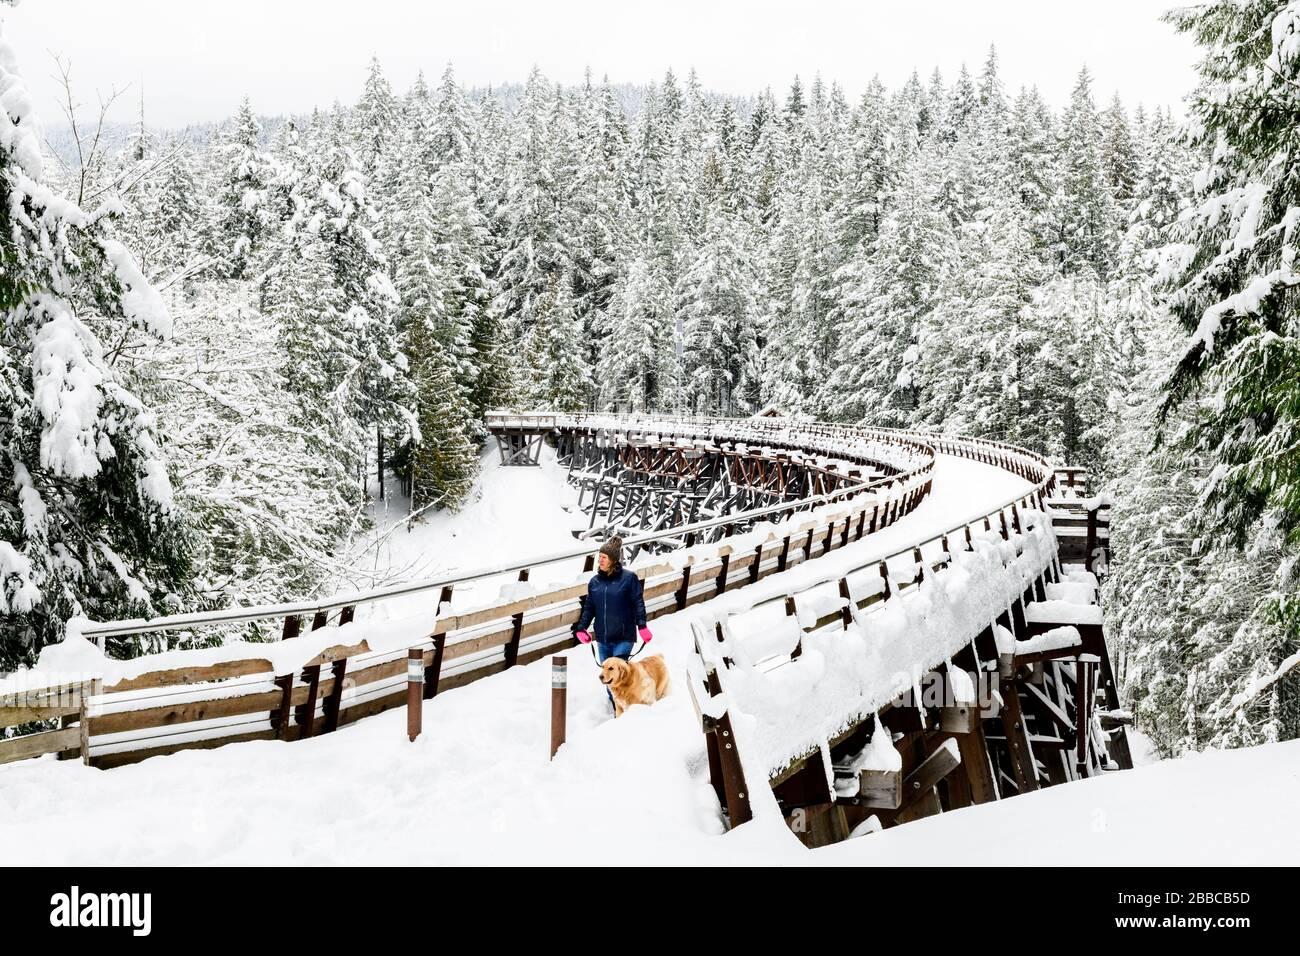 Una mujer y su perro caminan a través de un Kinsol Trestle lleno de nieve cerca del Lago Shawnigan, Columbia Británica. Foto de stock